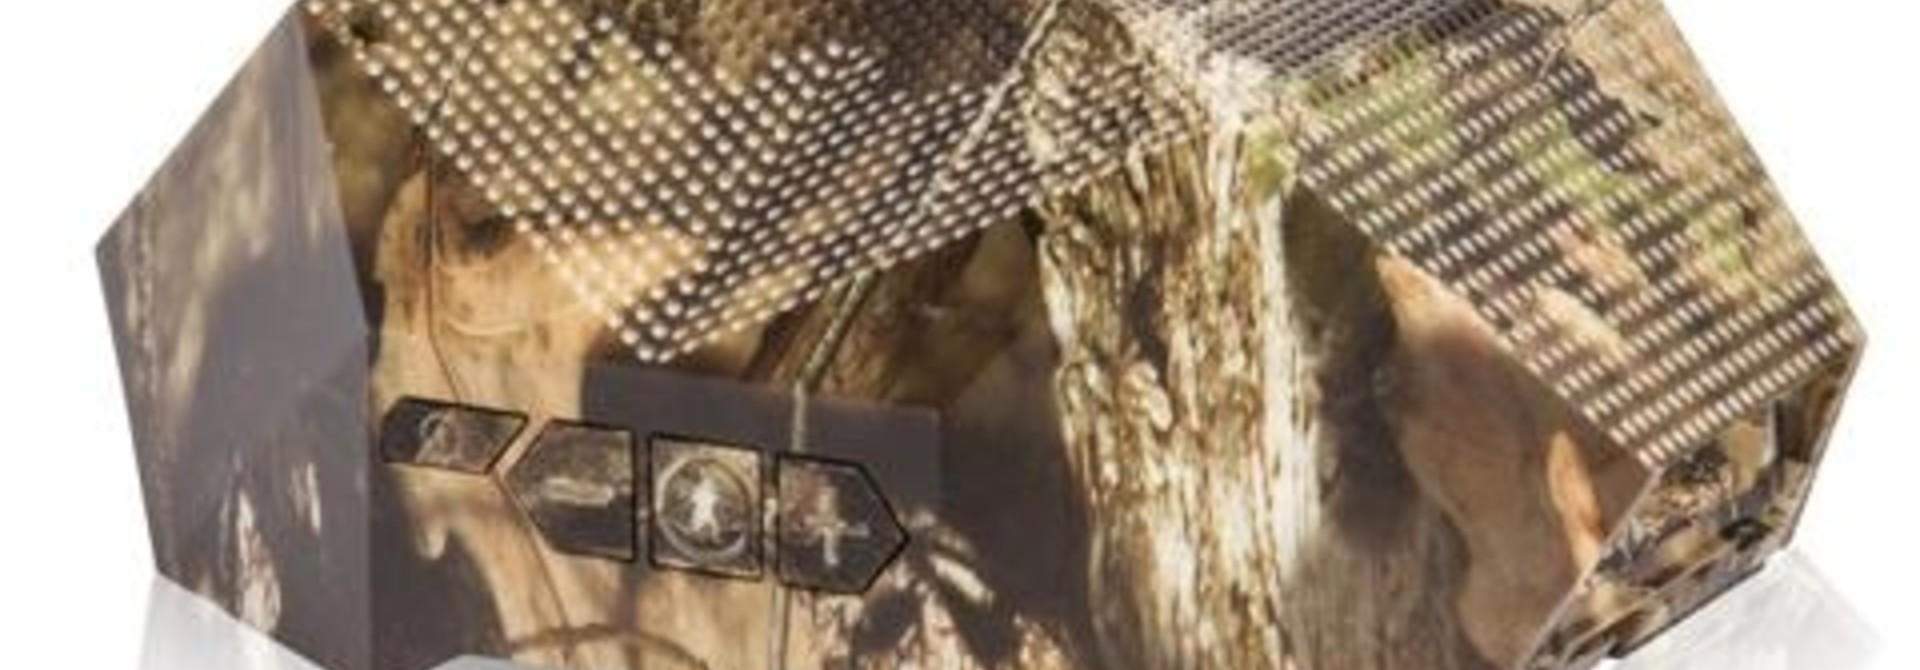 TURTLE SHELL 3.0 - Rugged Wireless Boombox Mossy Oak